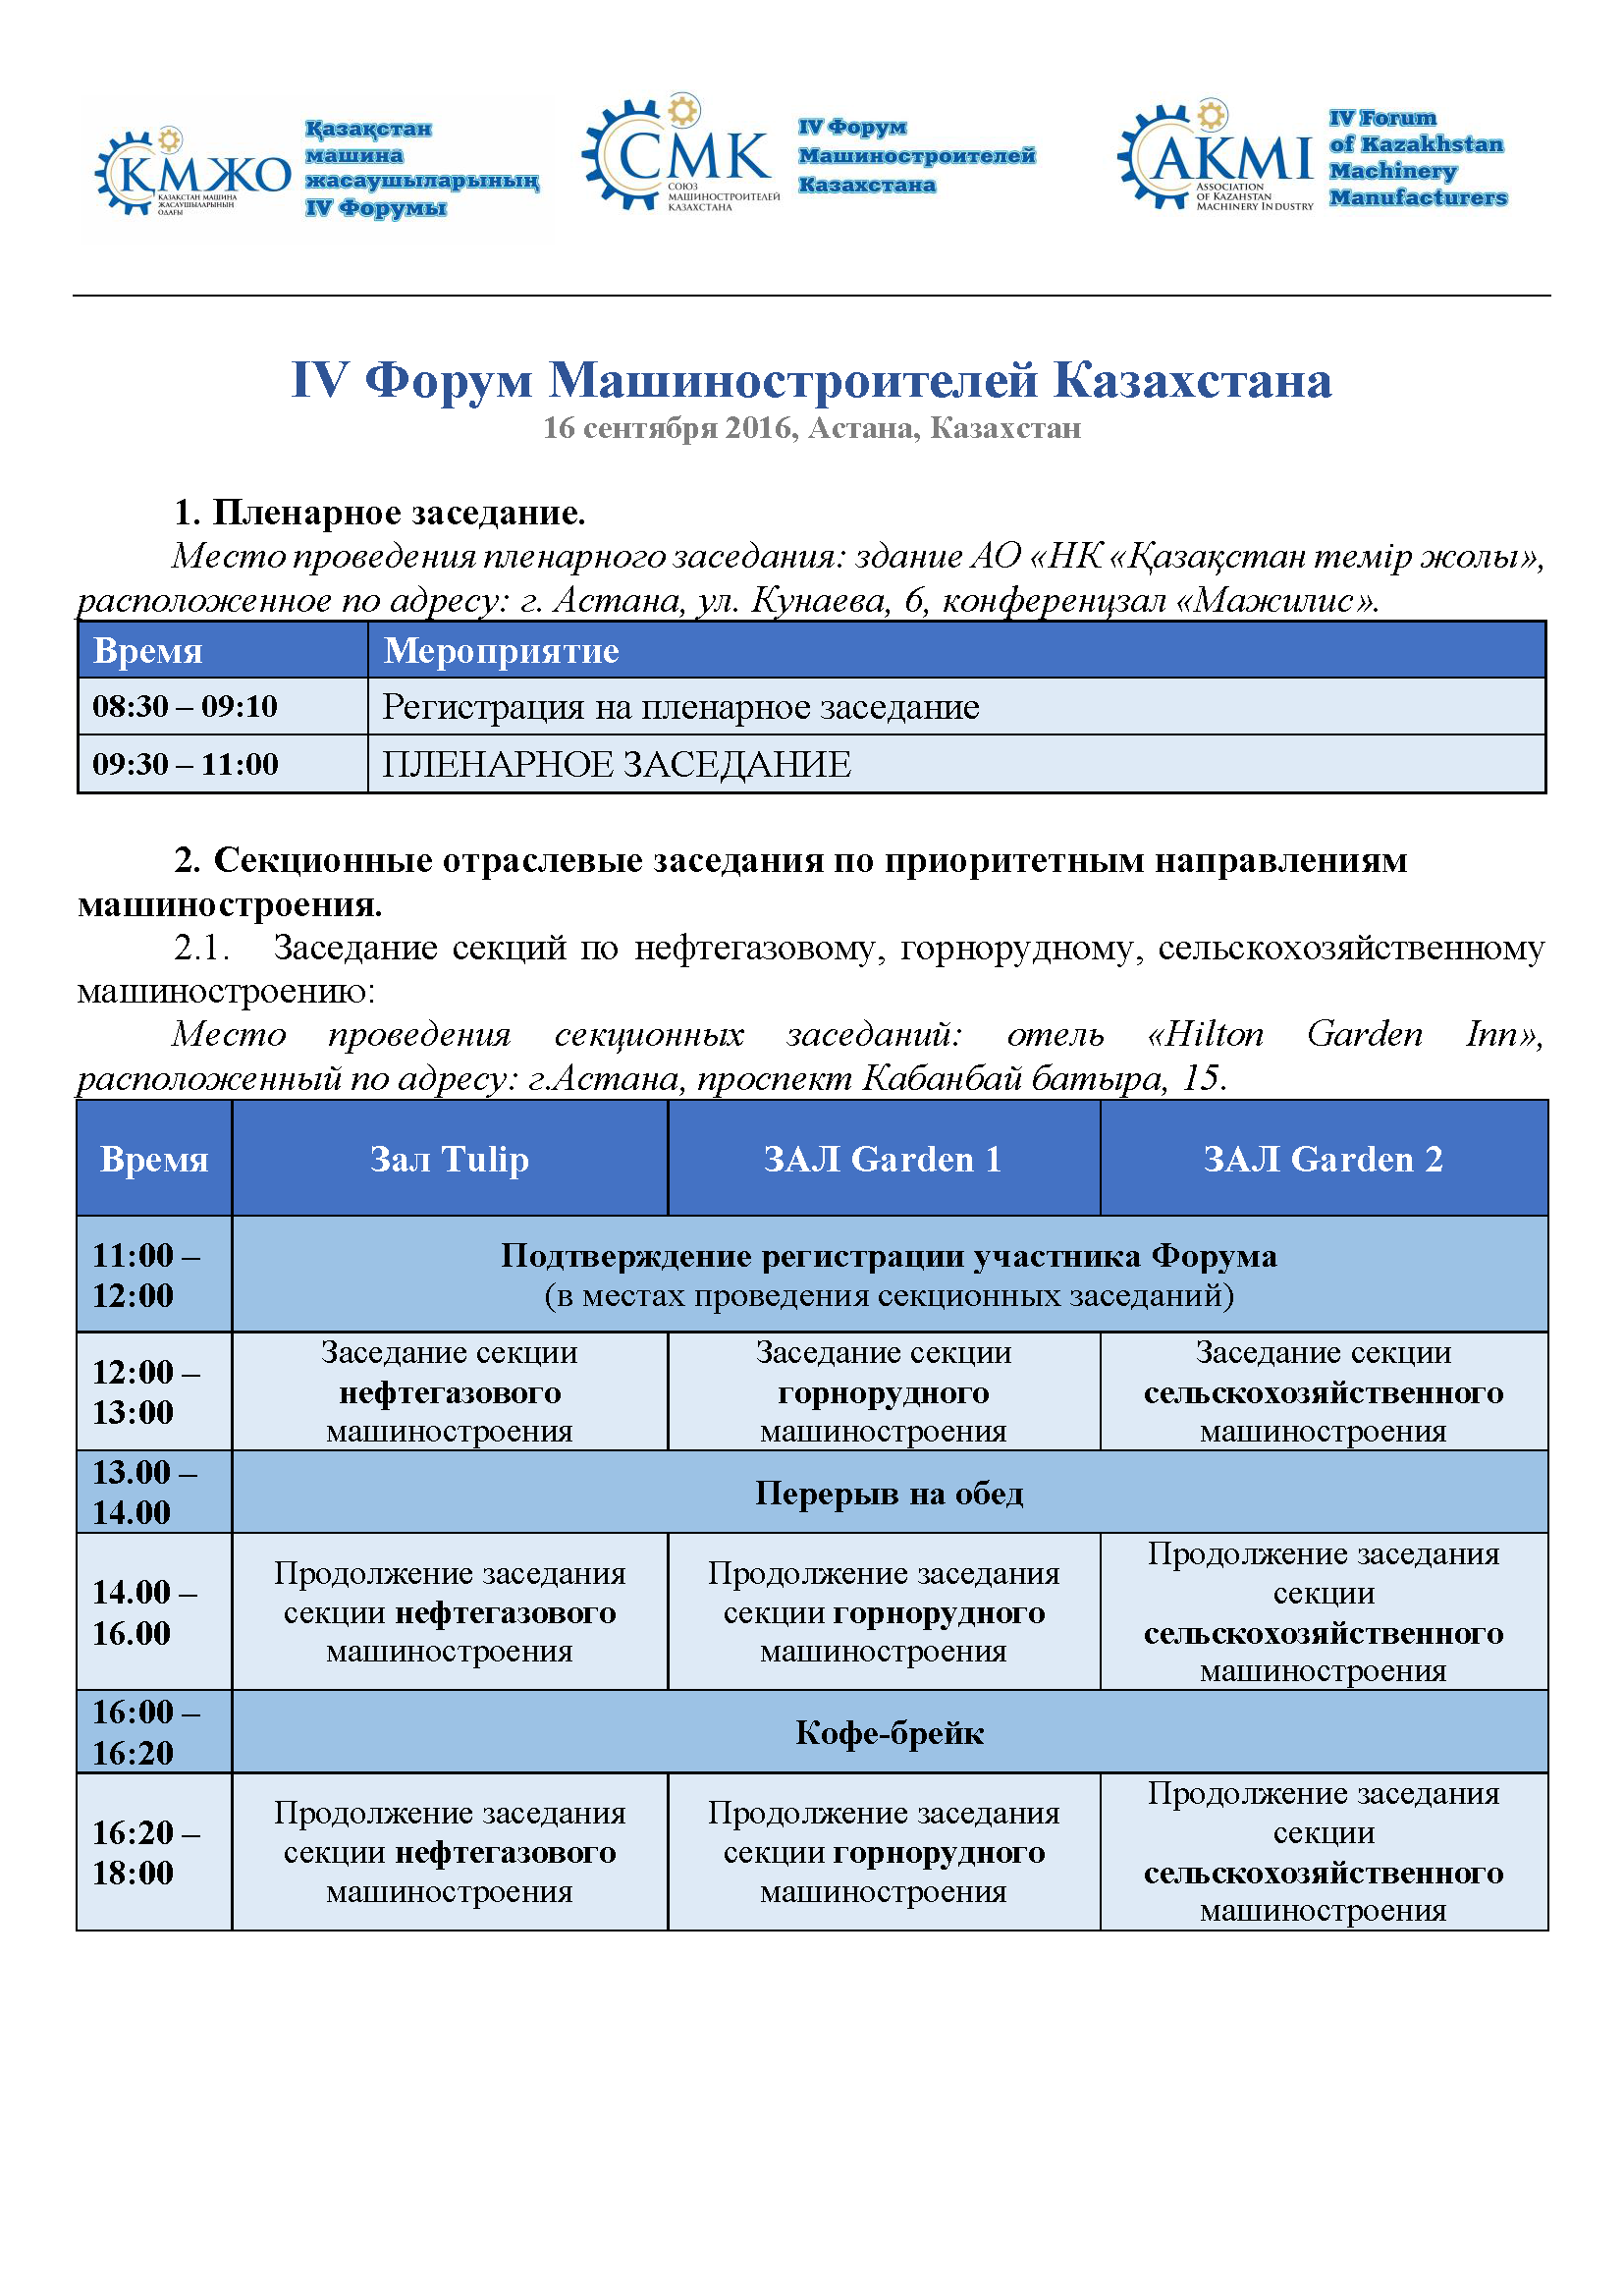 Программа Форума 2016 - рус